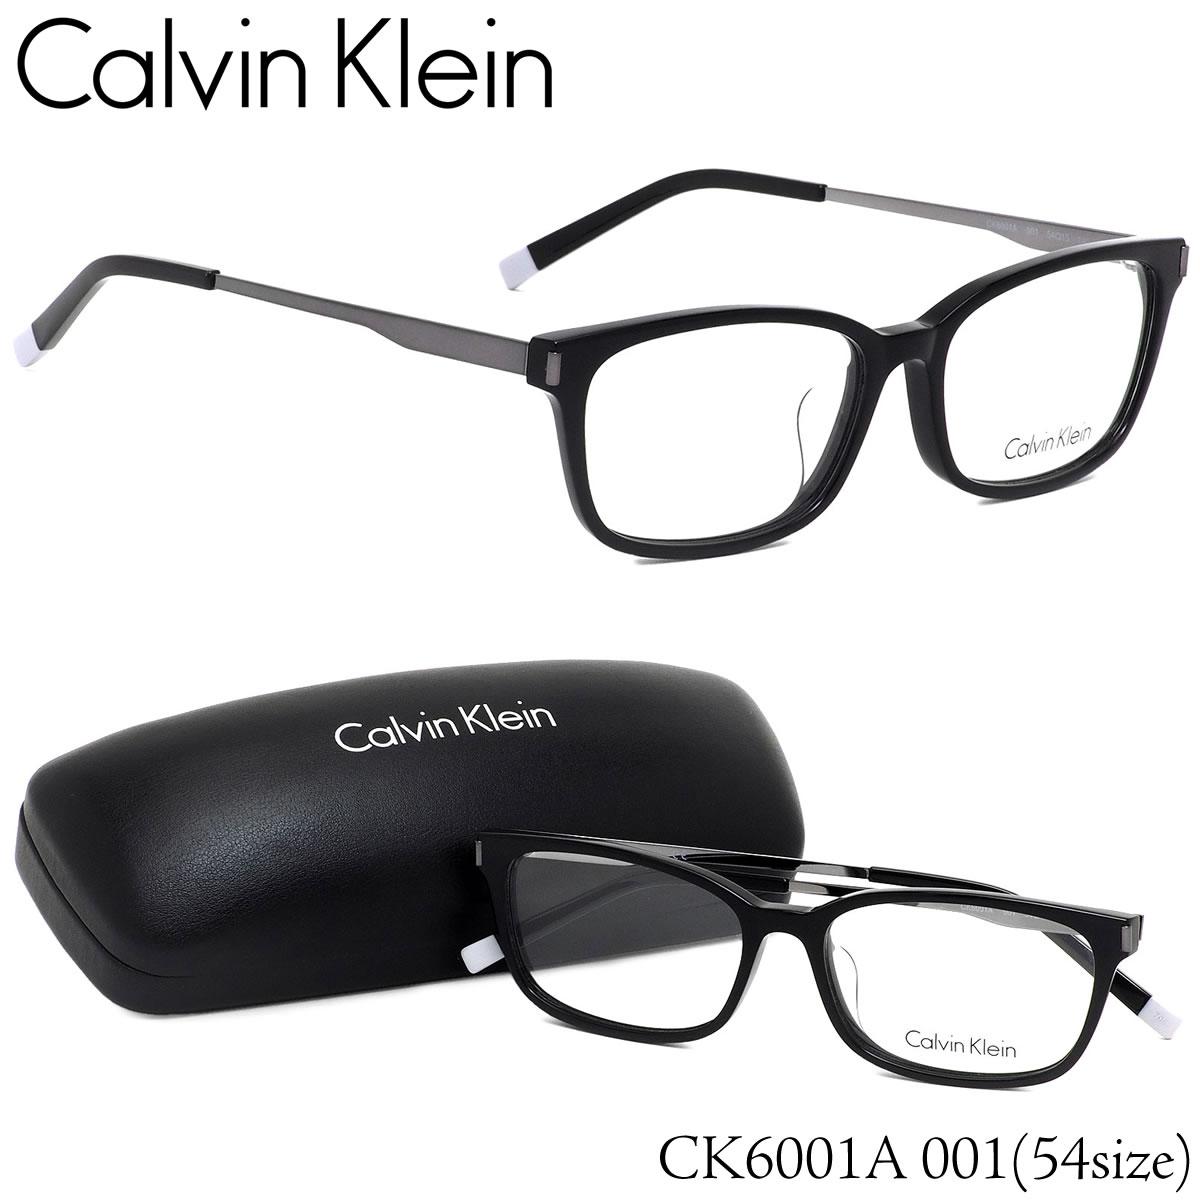 【お盆も発送します】 カルバンクライン Calvin Klein メガネCK6001A 001 54サイズck ウエリントン コンビネーション ブラックカルバンクライン CalvinKlein メンズ レディース